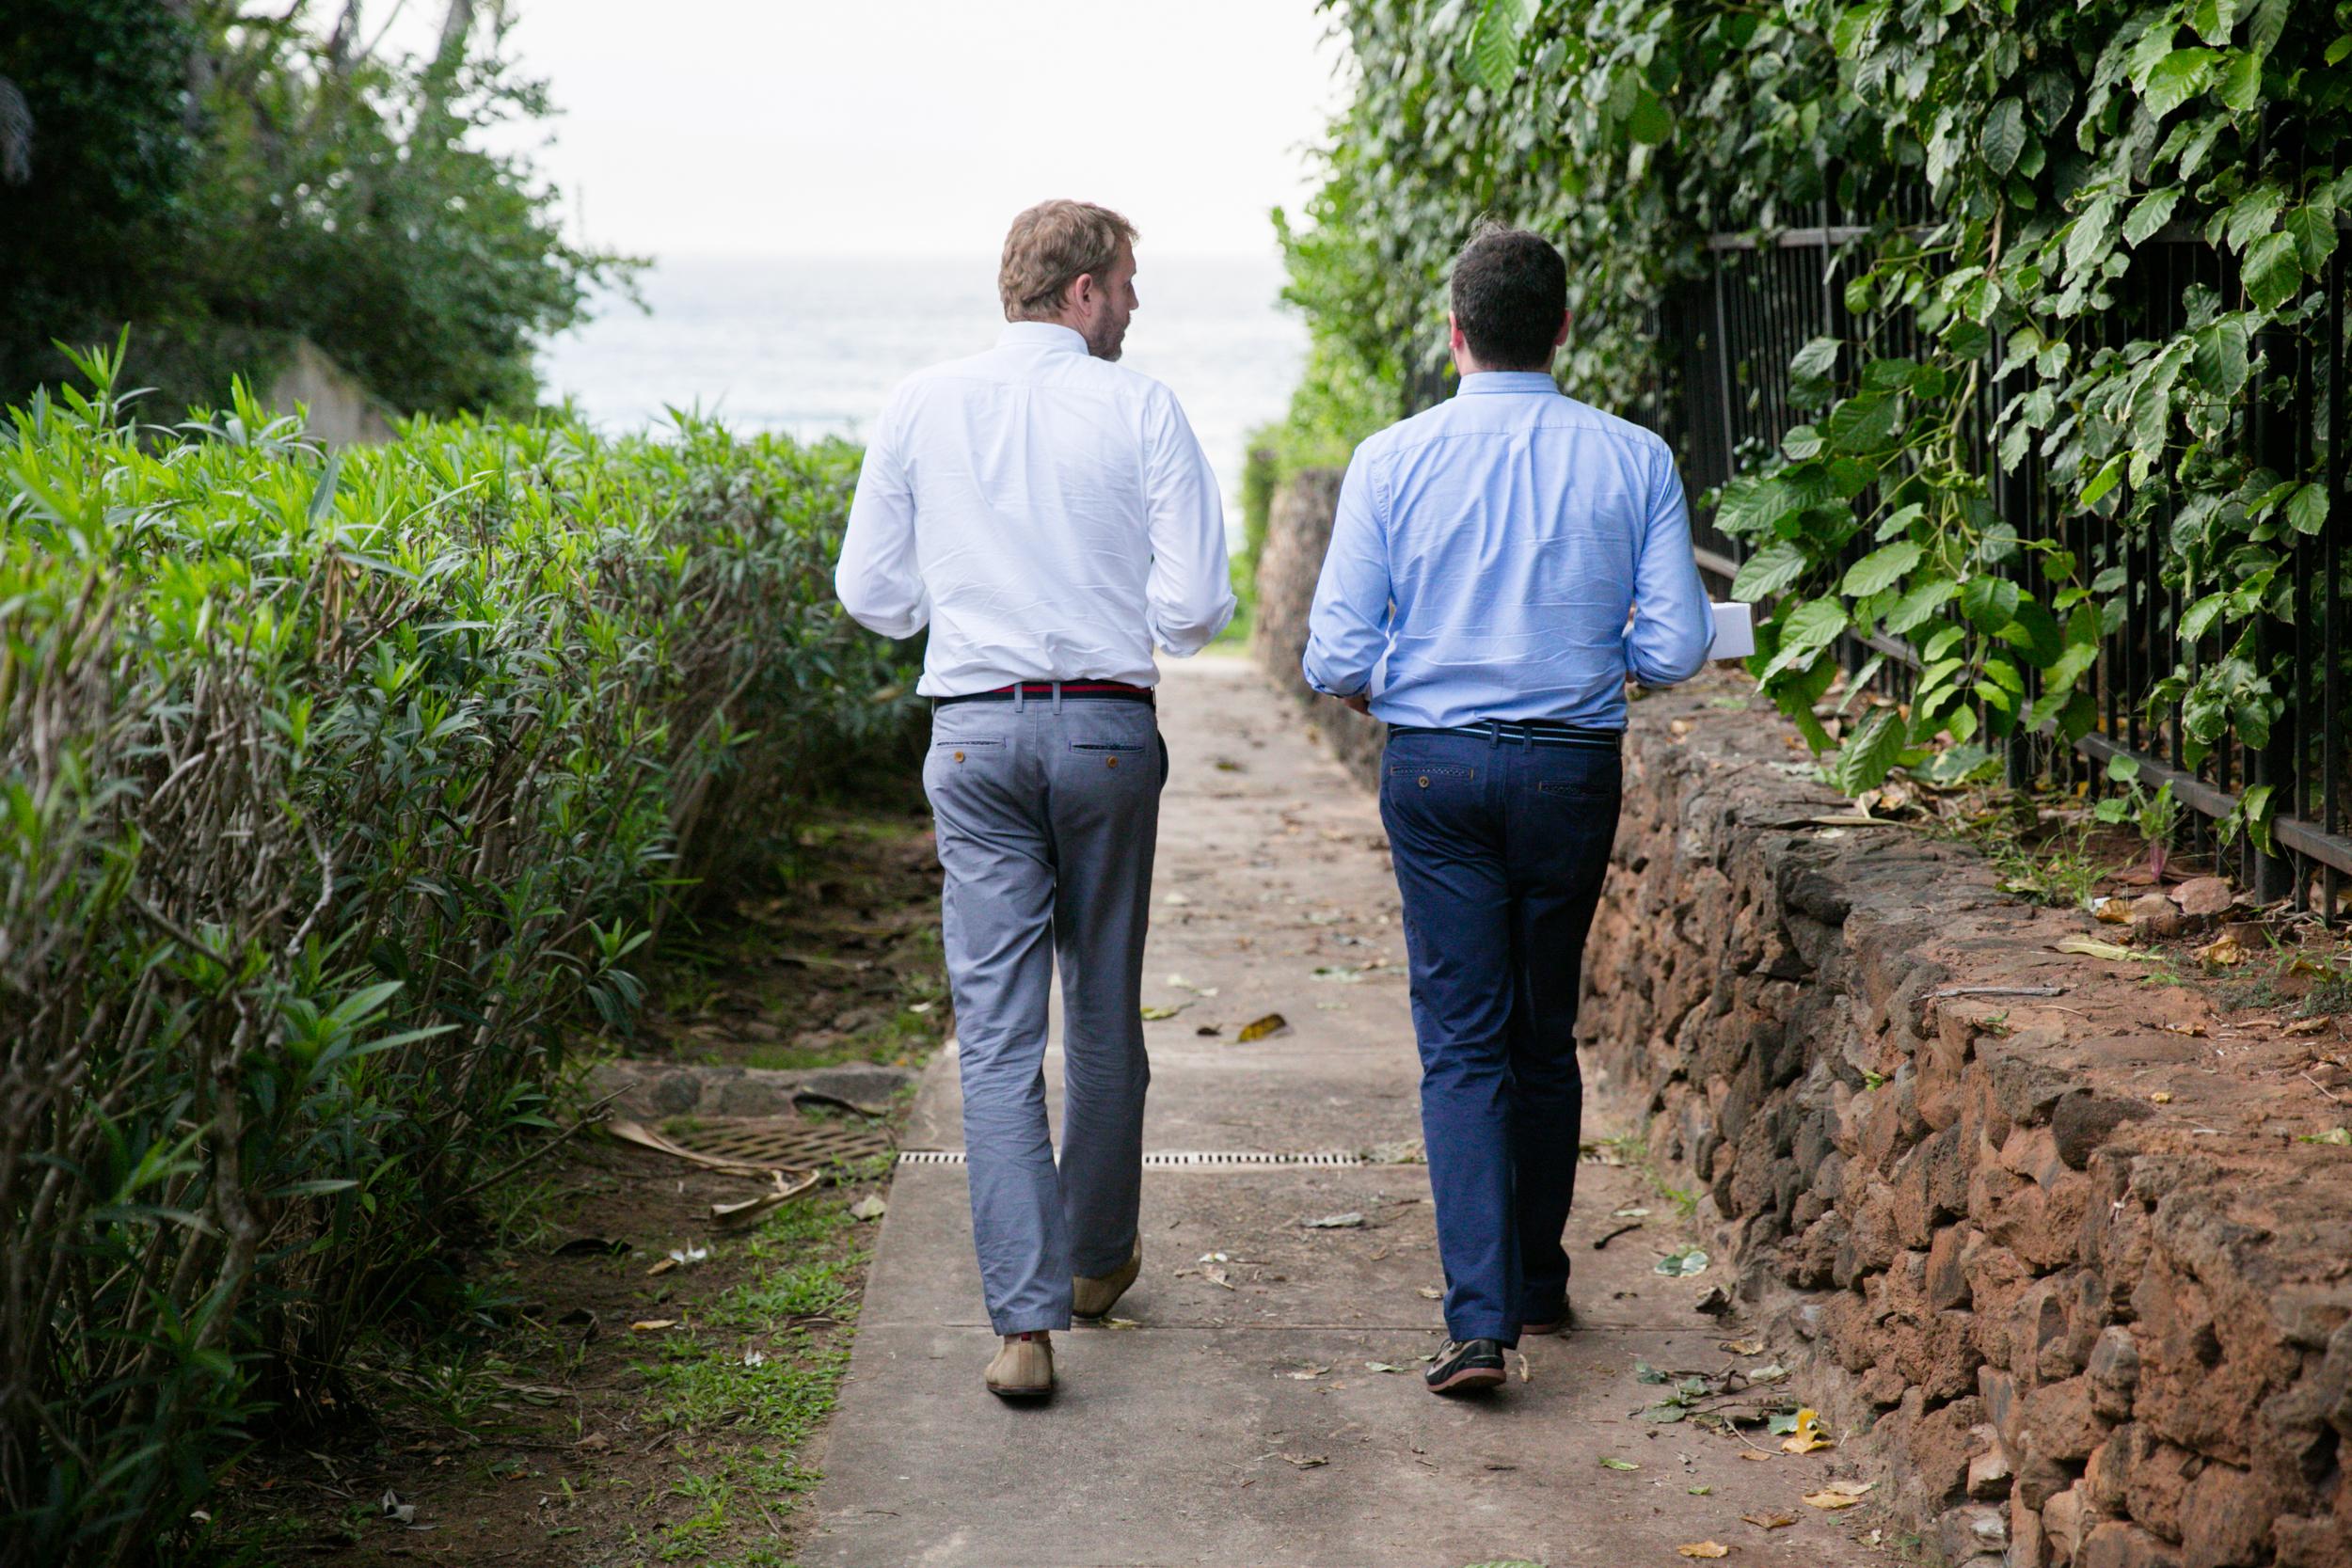 Lisa25 Wedding Photography couple walking on path